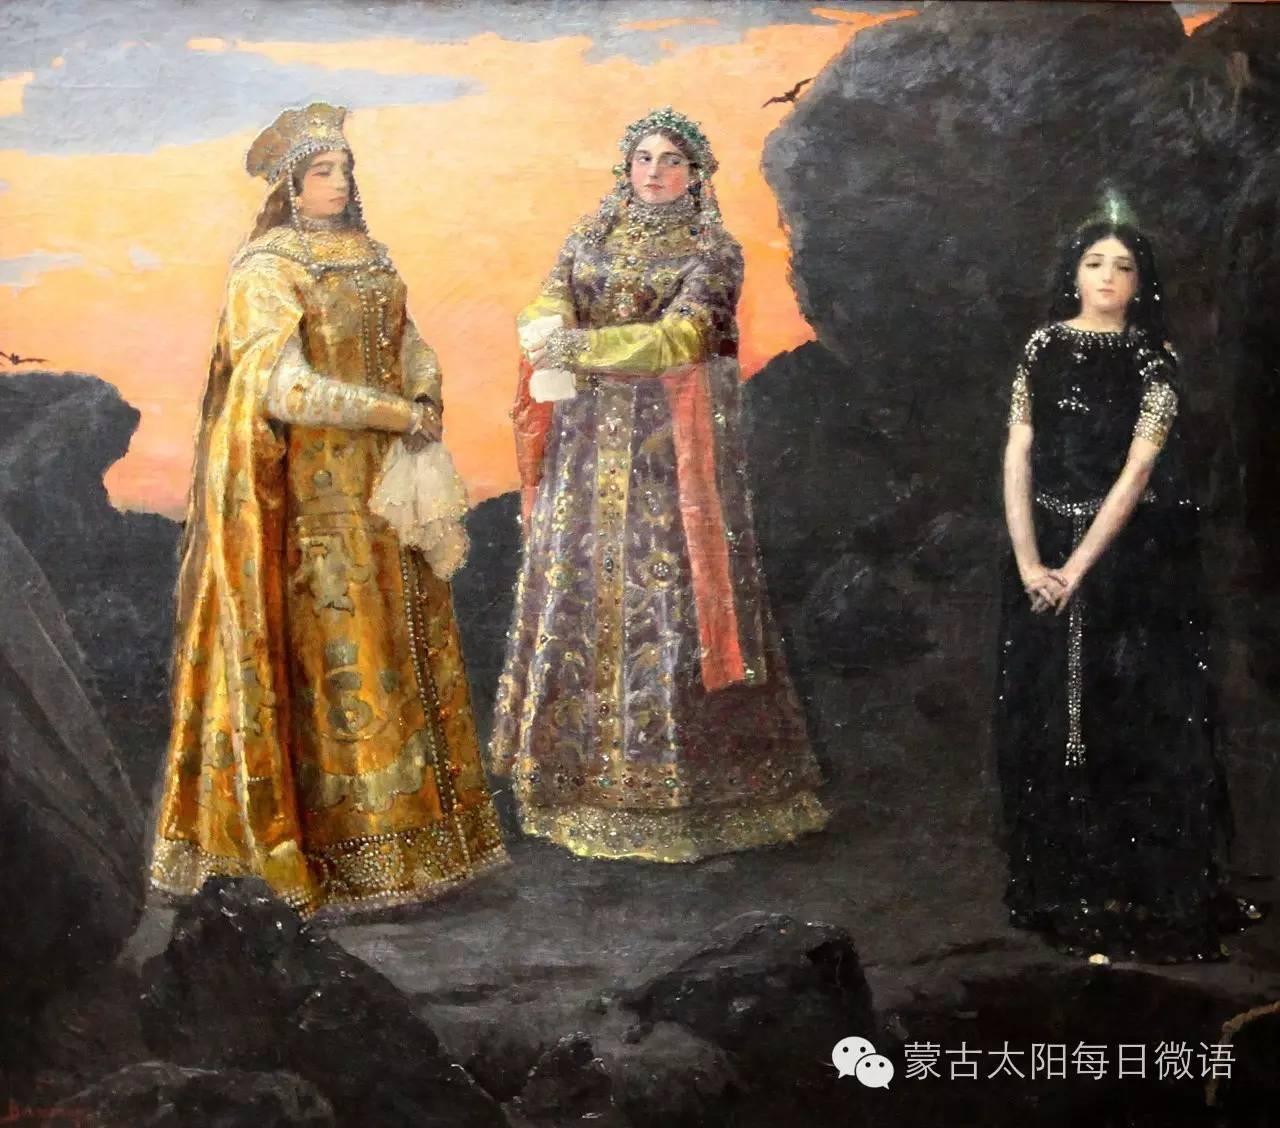 一个蒙古人眼中的欧洲 第32章 世界著名蒙古族画家费岳达尔•卡尔梅克 第21张 一个蒙古人眼中的欧洲 第32章 世界著名蒙古族画家费岳达尔•卡尔梅克 蒙古画廊